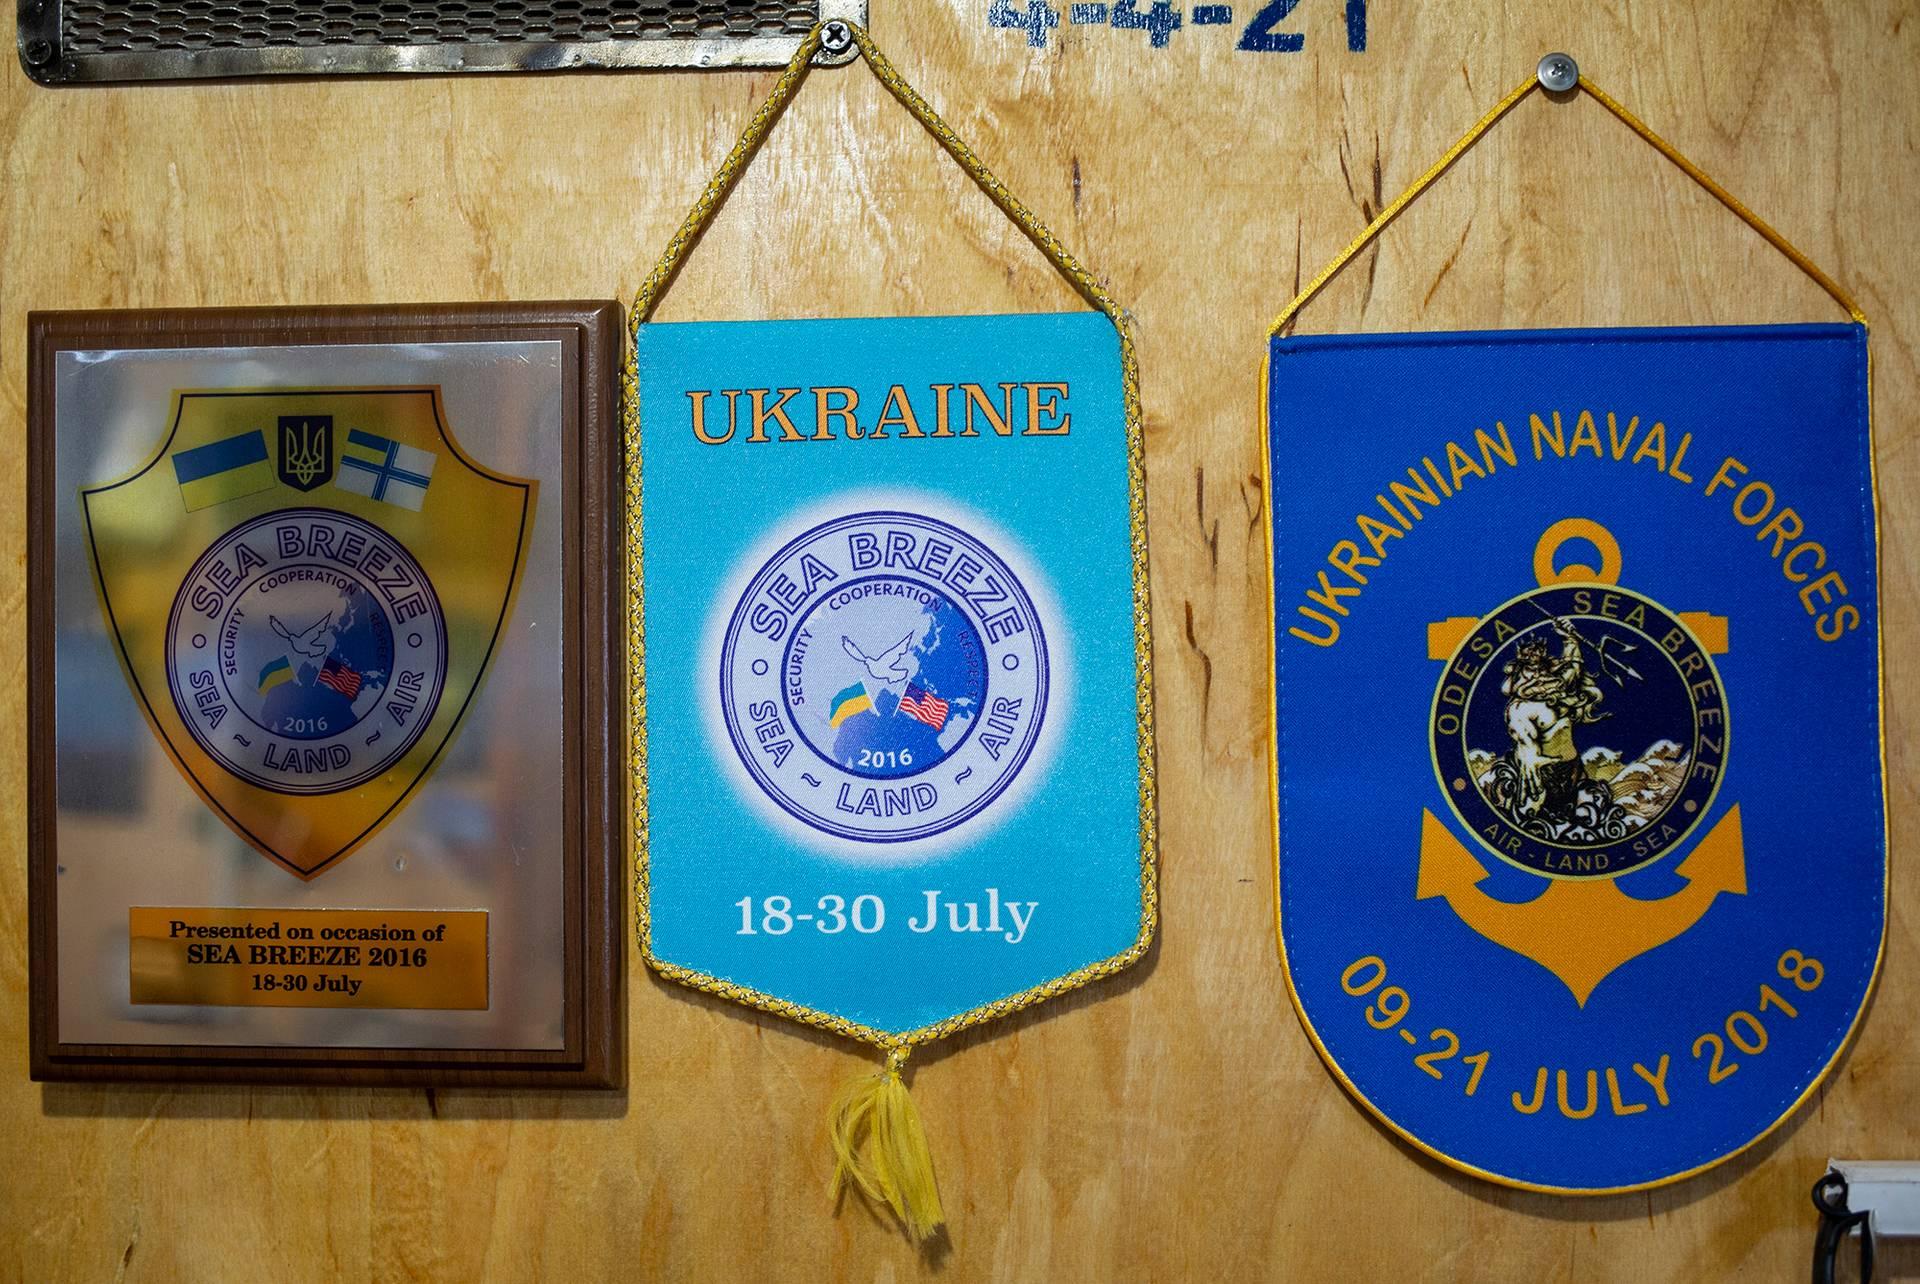 Пам'ятні артефакти про участь у військово-морських навчаннях, зокрема в українсько-американських спільних навчаннях «Сі Бриз — 2016»